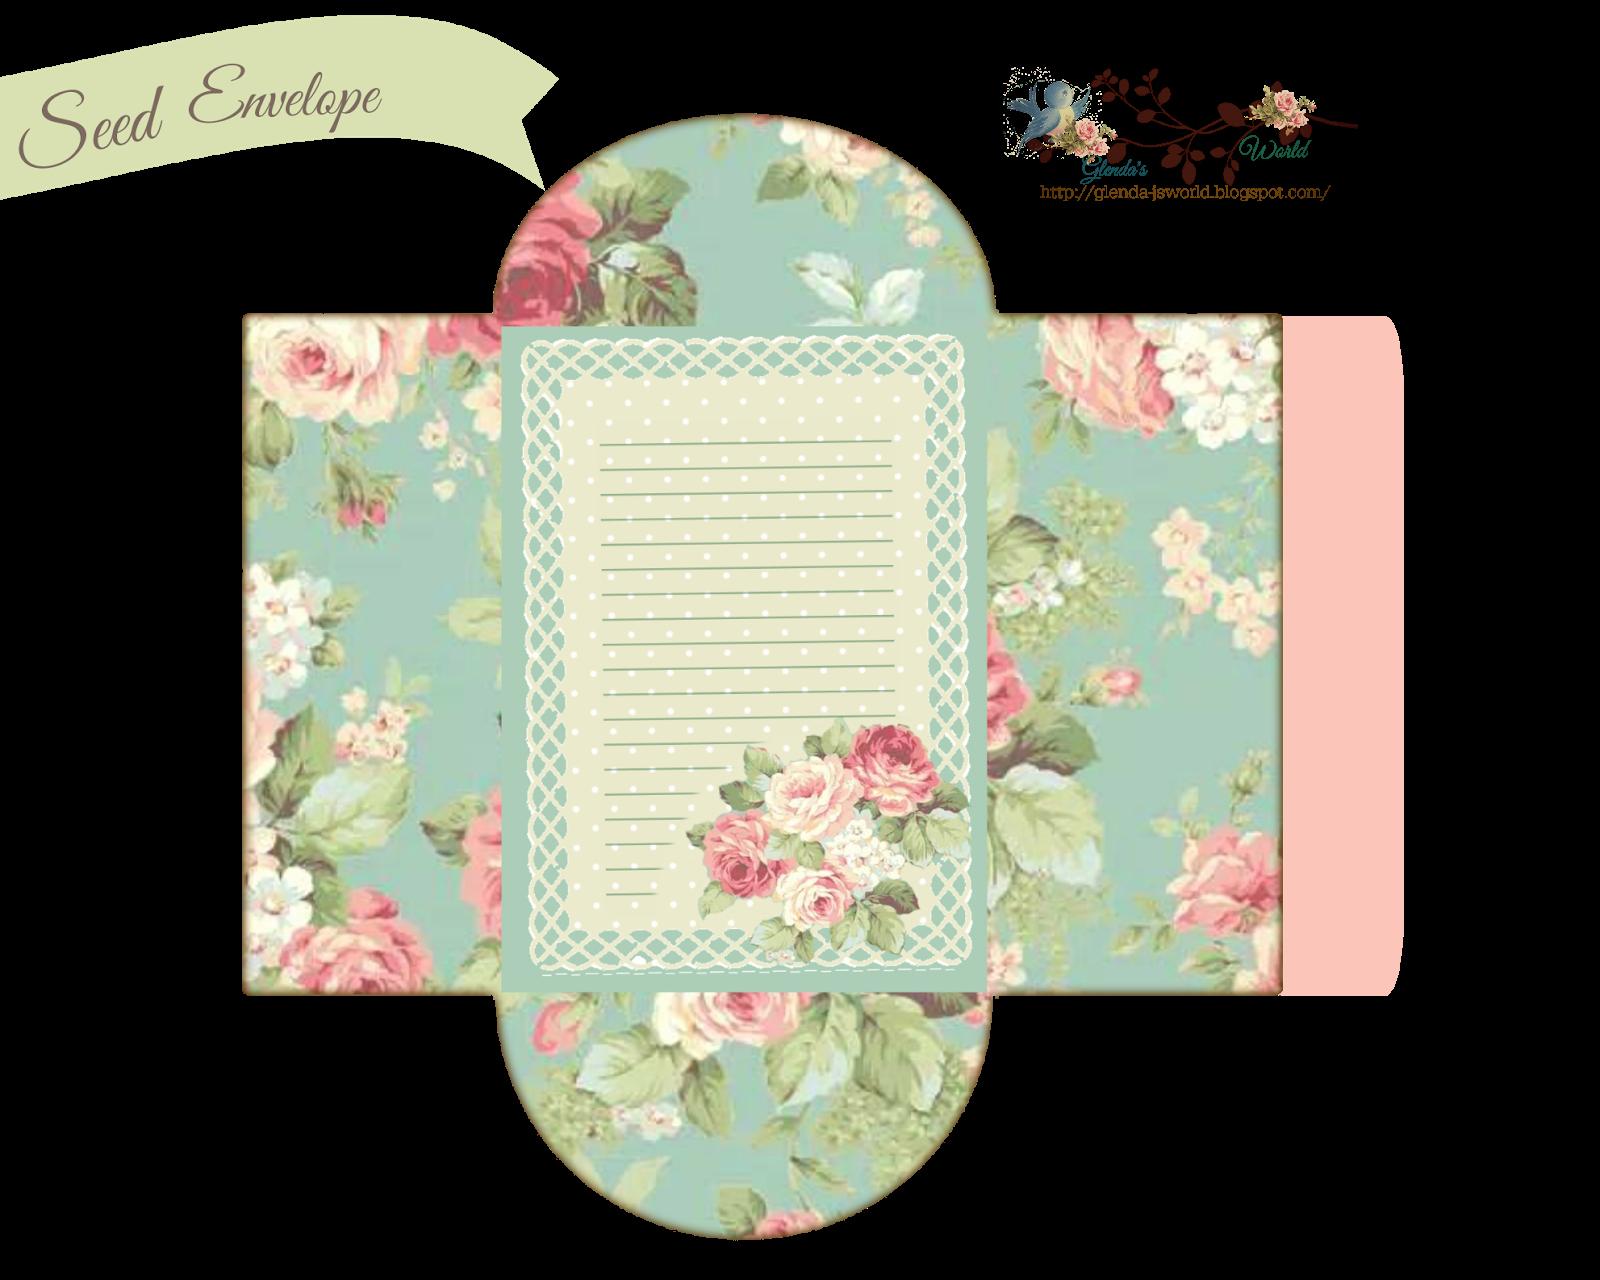 Free Printable Envelope Templates Lovely Glenda S World Seed Envelope Packets